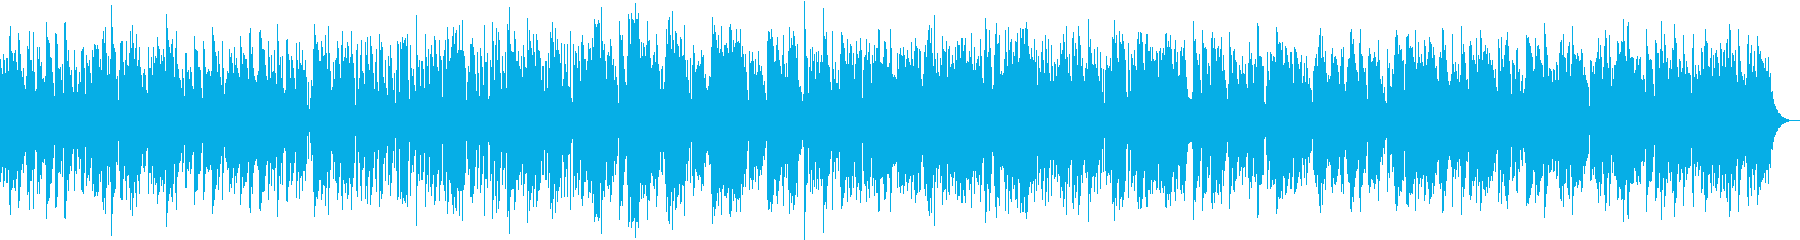 生演奏・ジャズ・サックス・店舗BGMの再生済みの波形